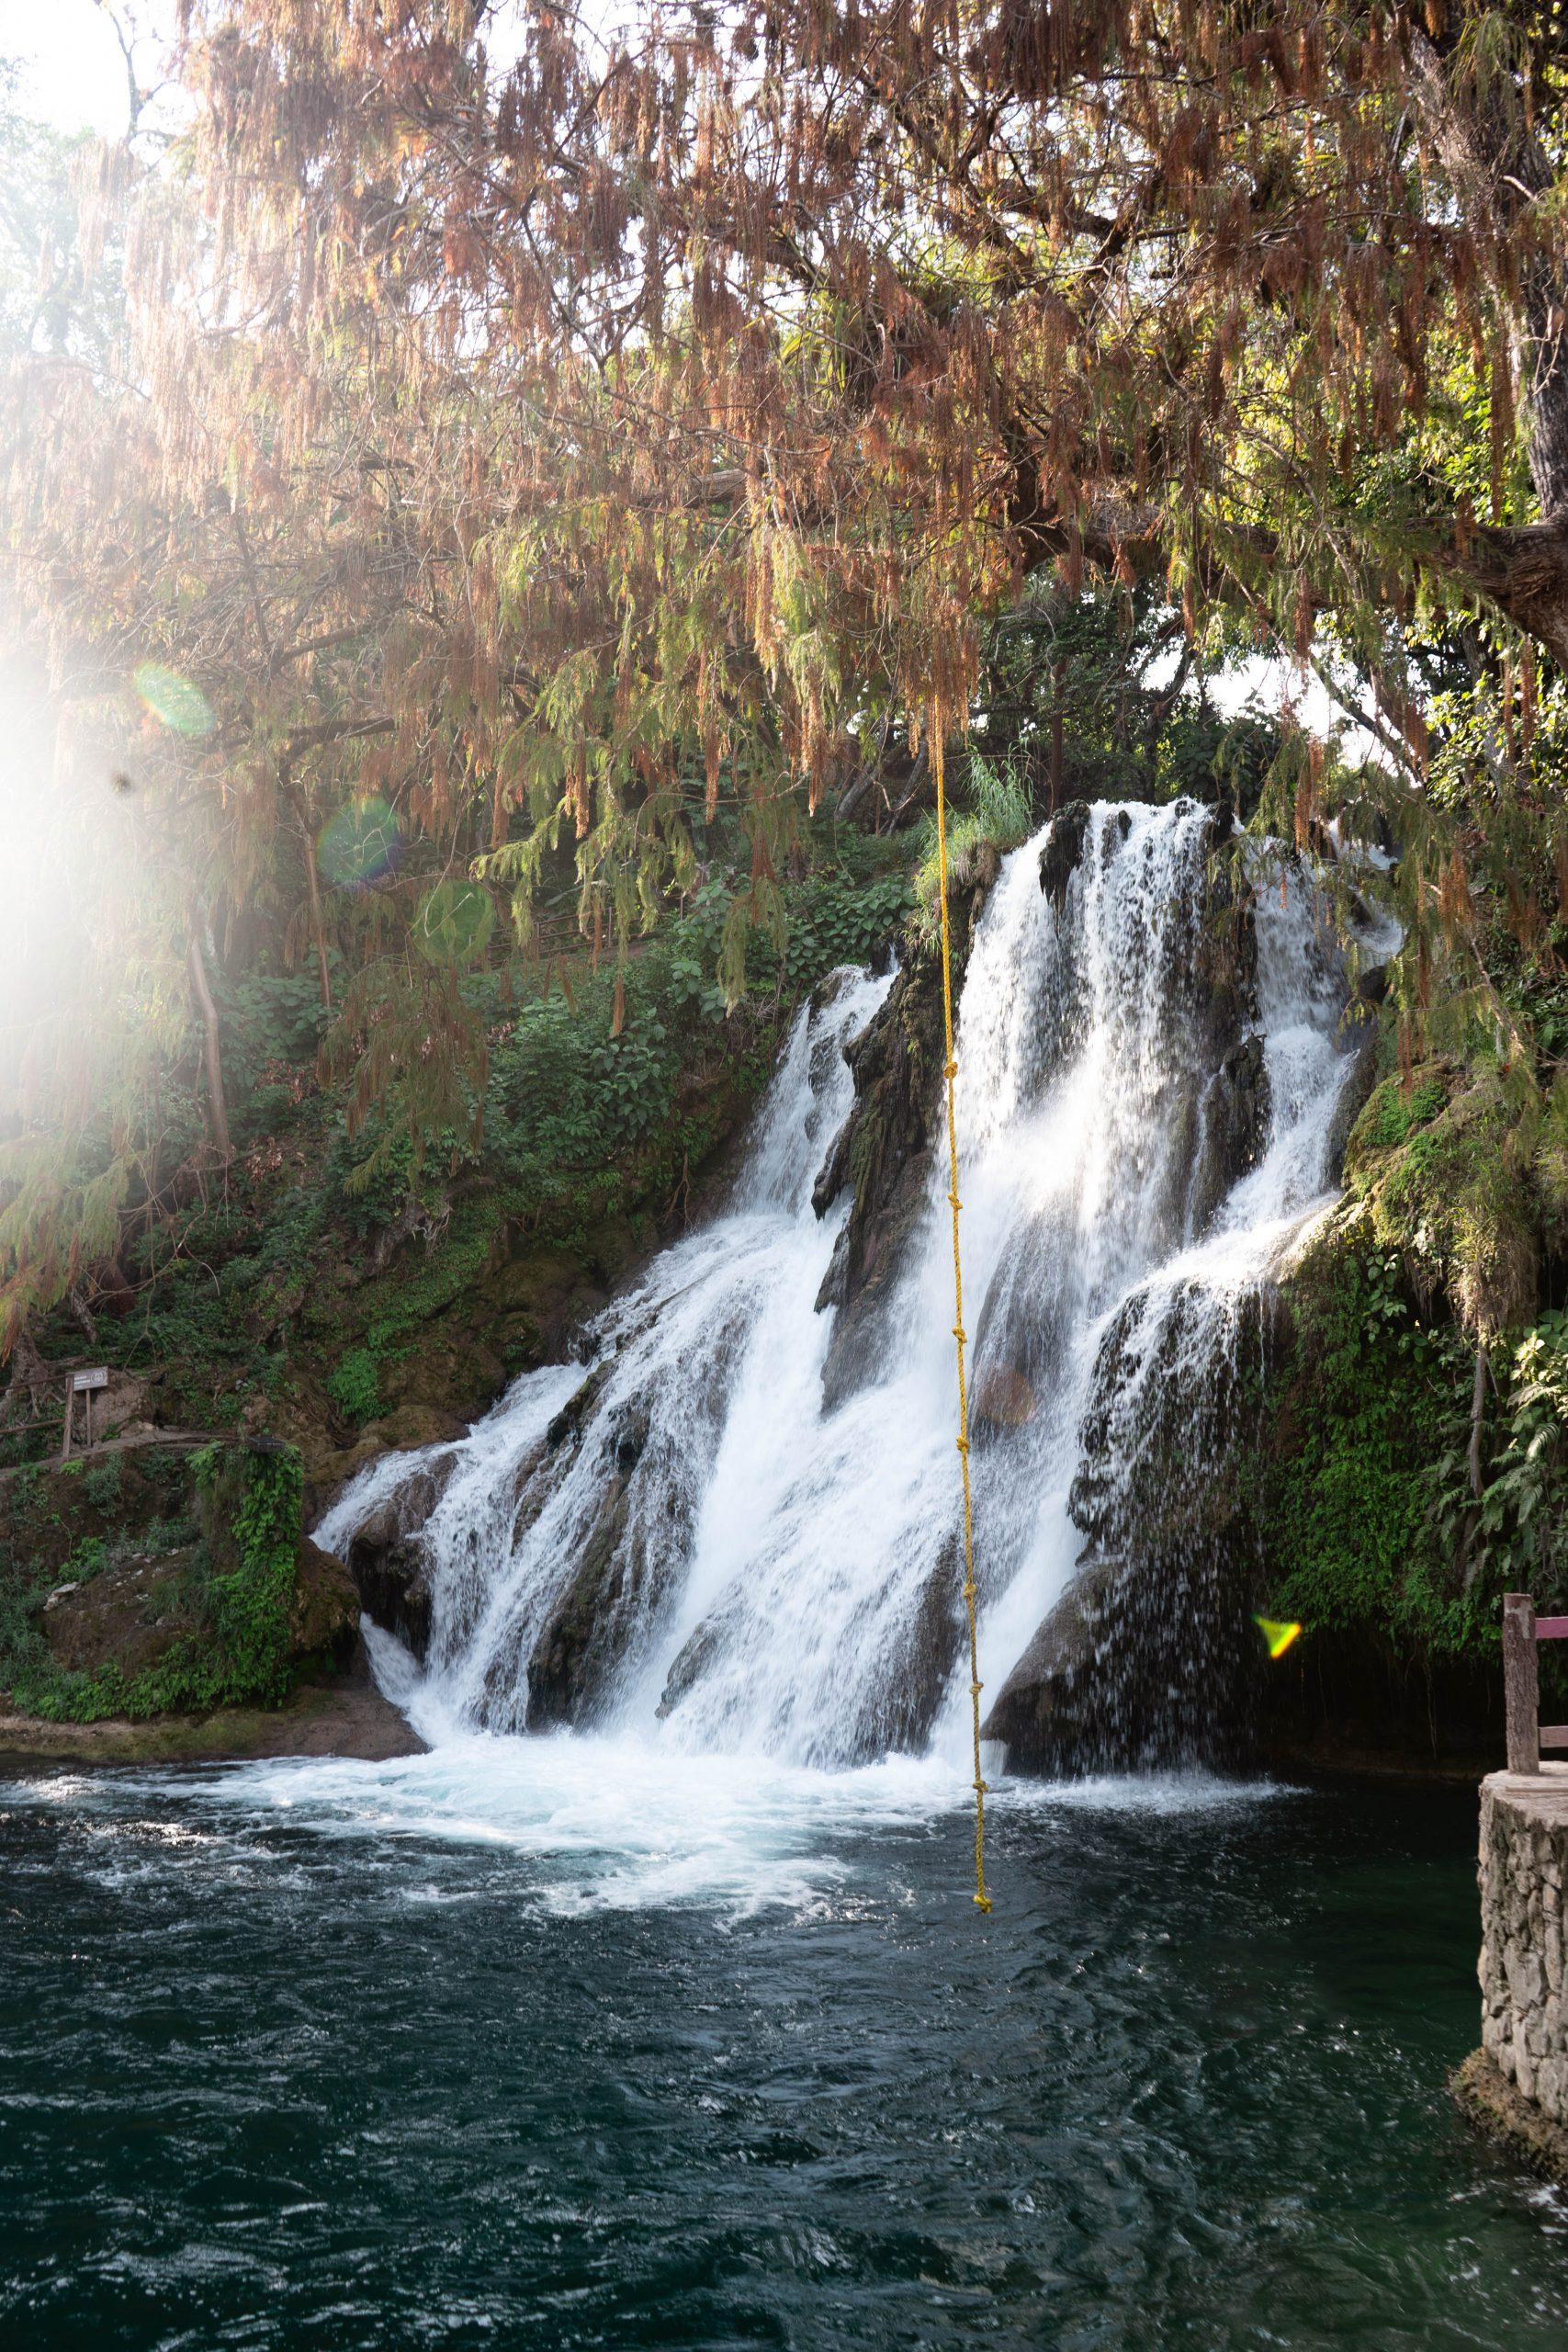 Cascadas de Tamasopo waterfall jumping la huasteca potosina san luis potosi mexico nature photography